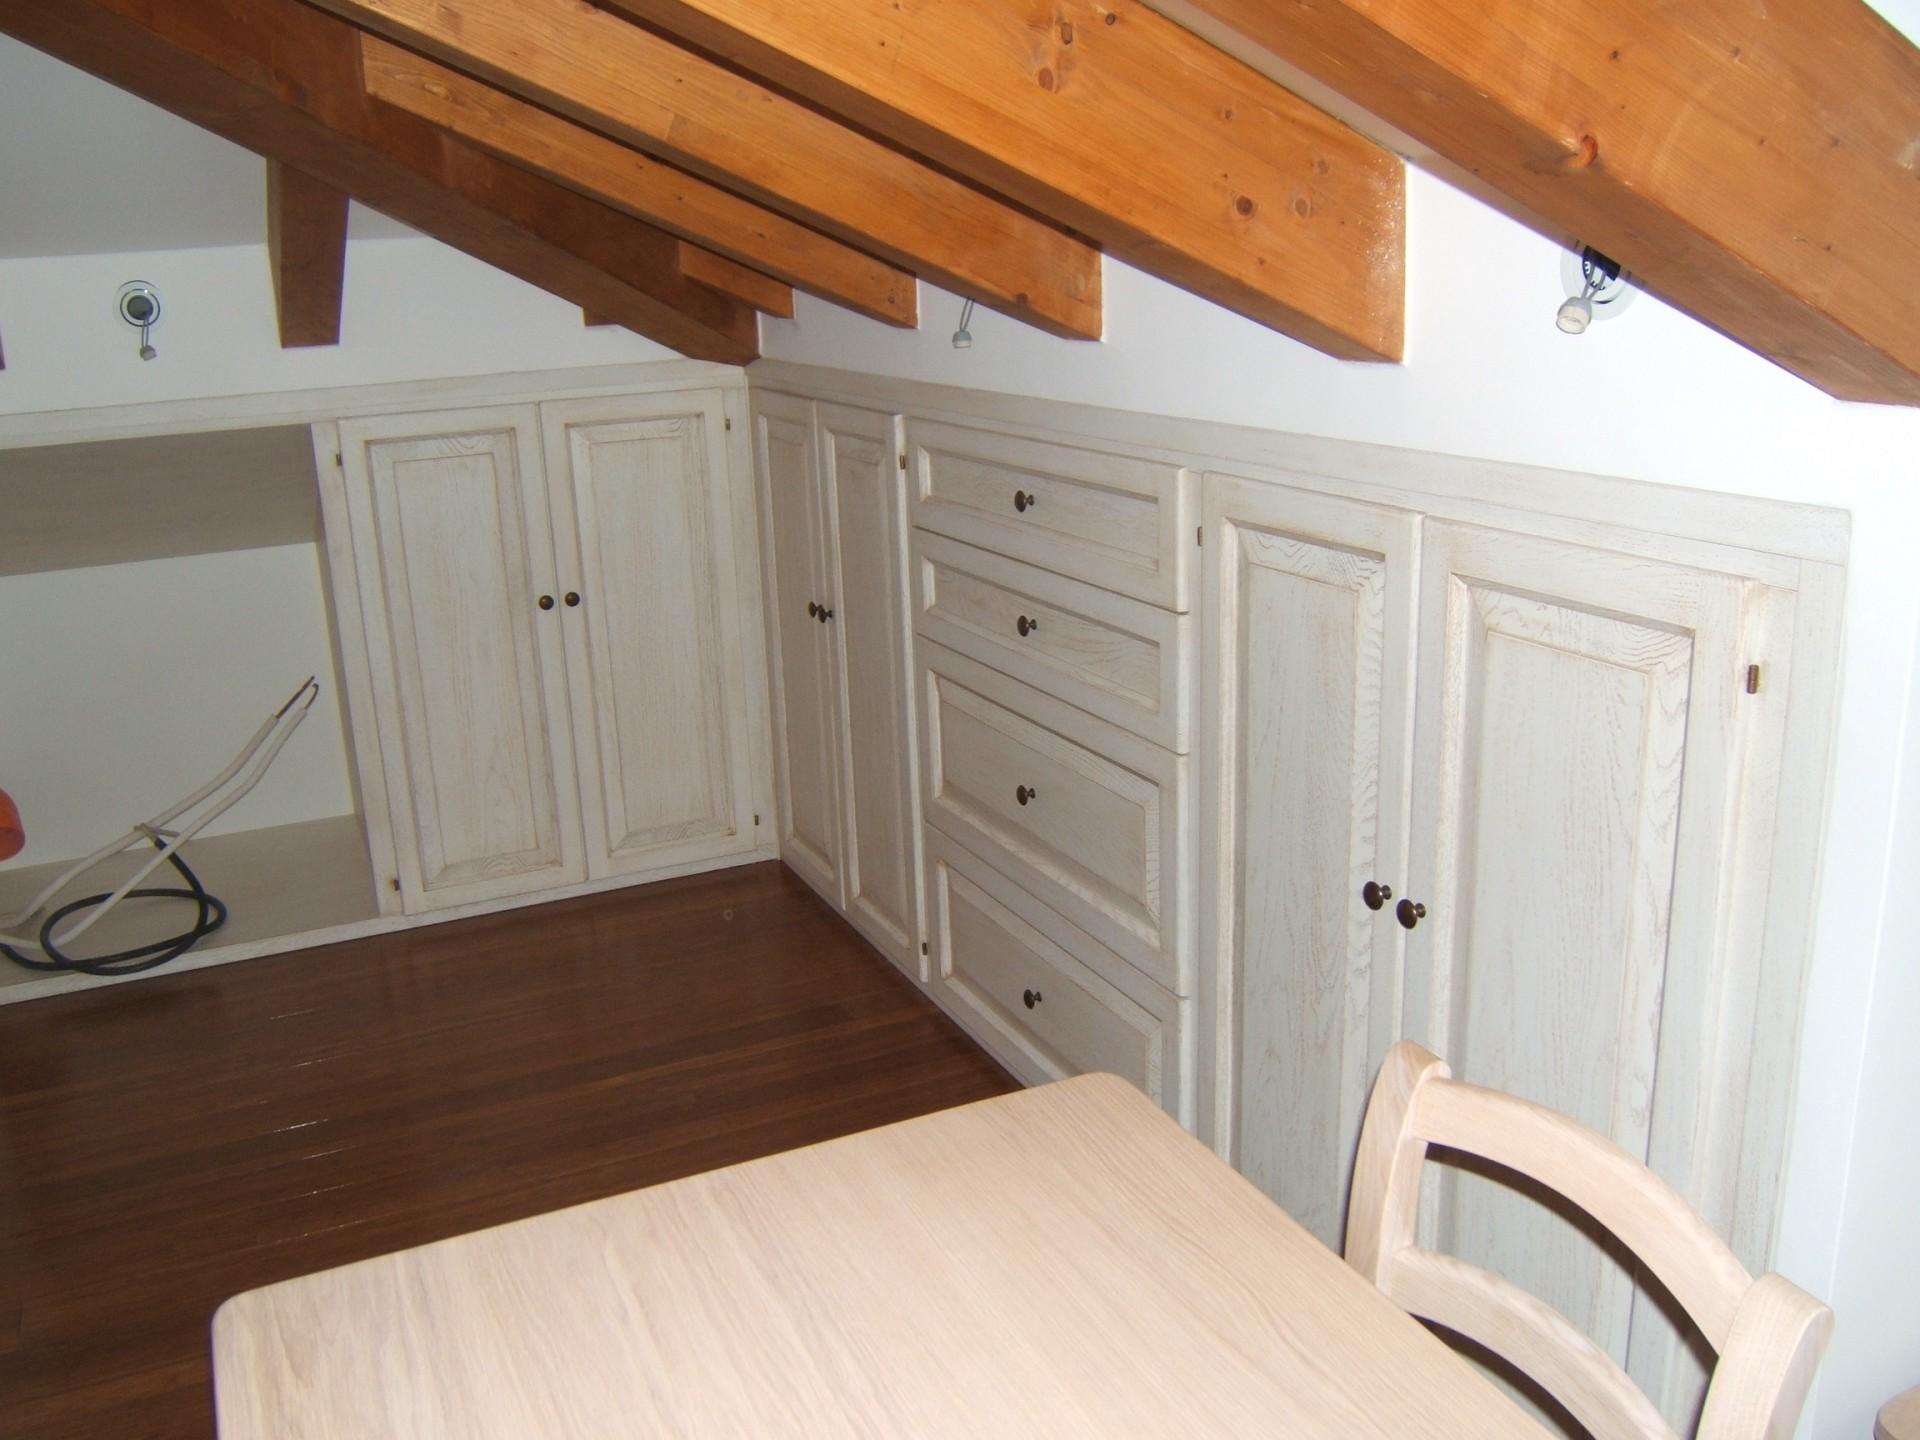 Progettazione arredamenti su misura fadini mobili cerea - Arredamento mansarda ikea ...